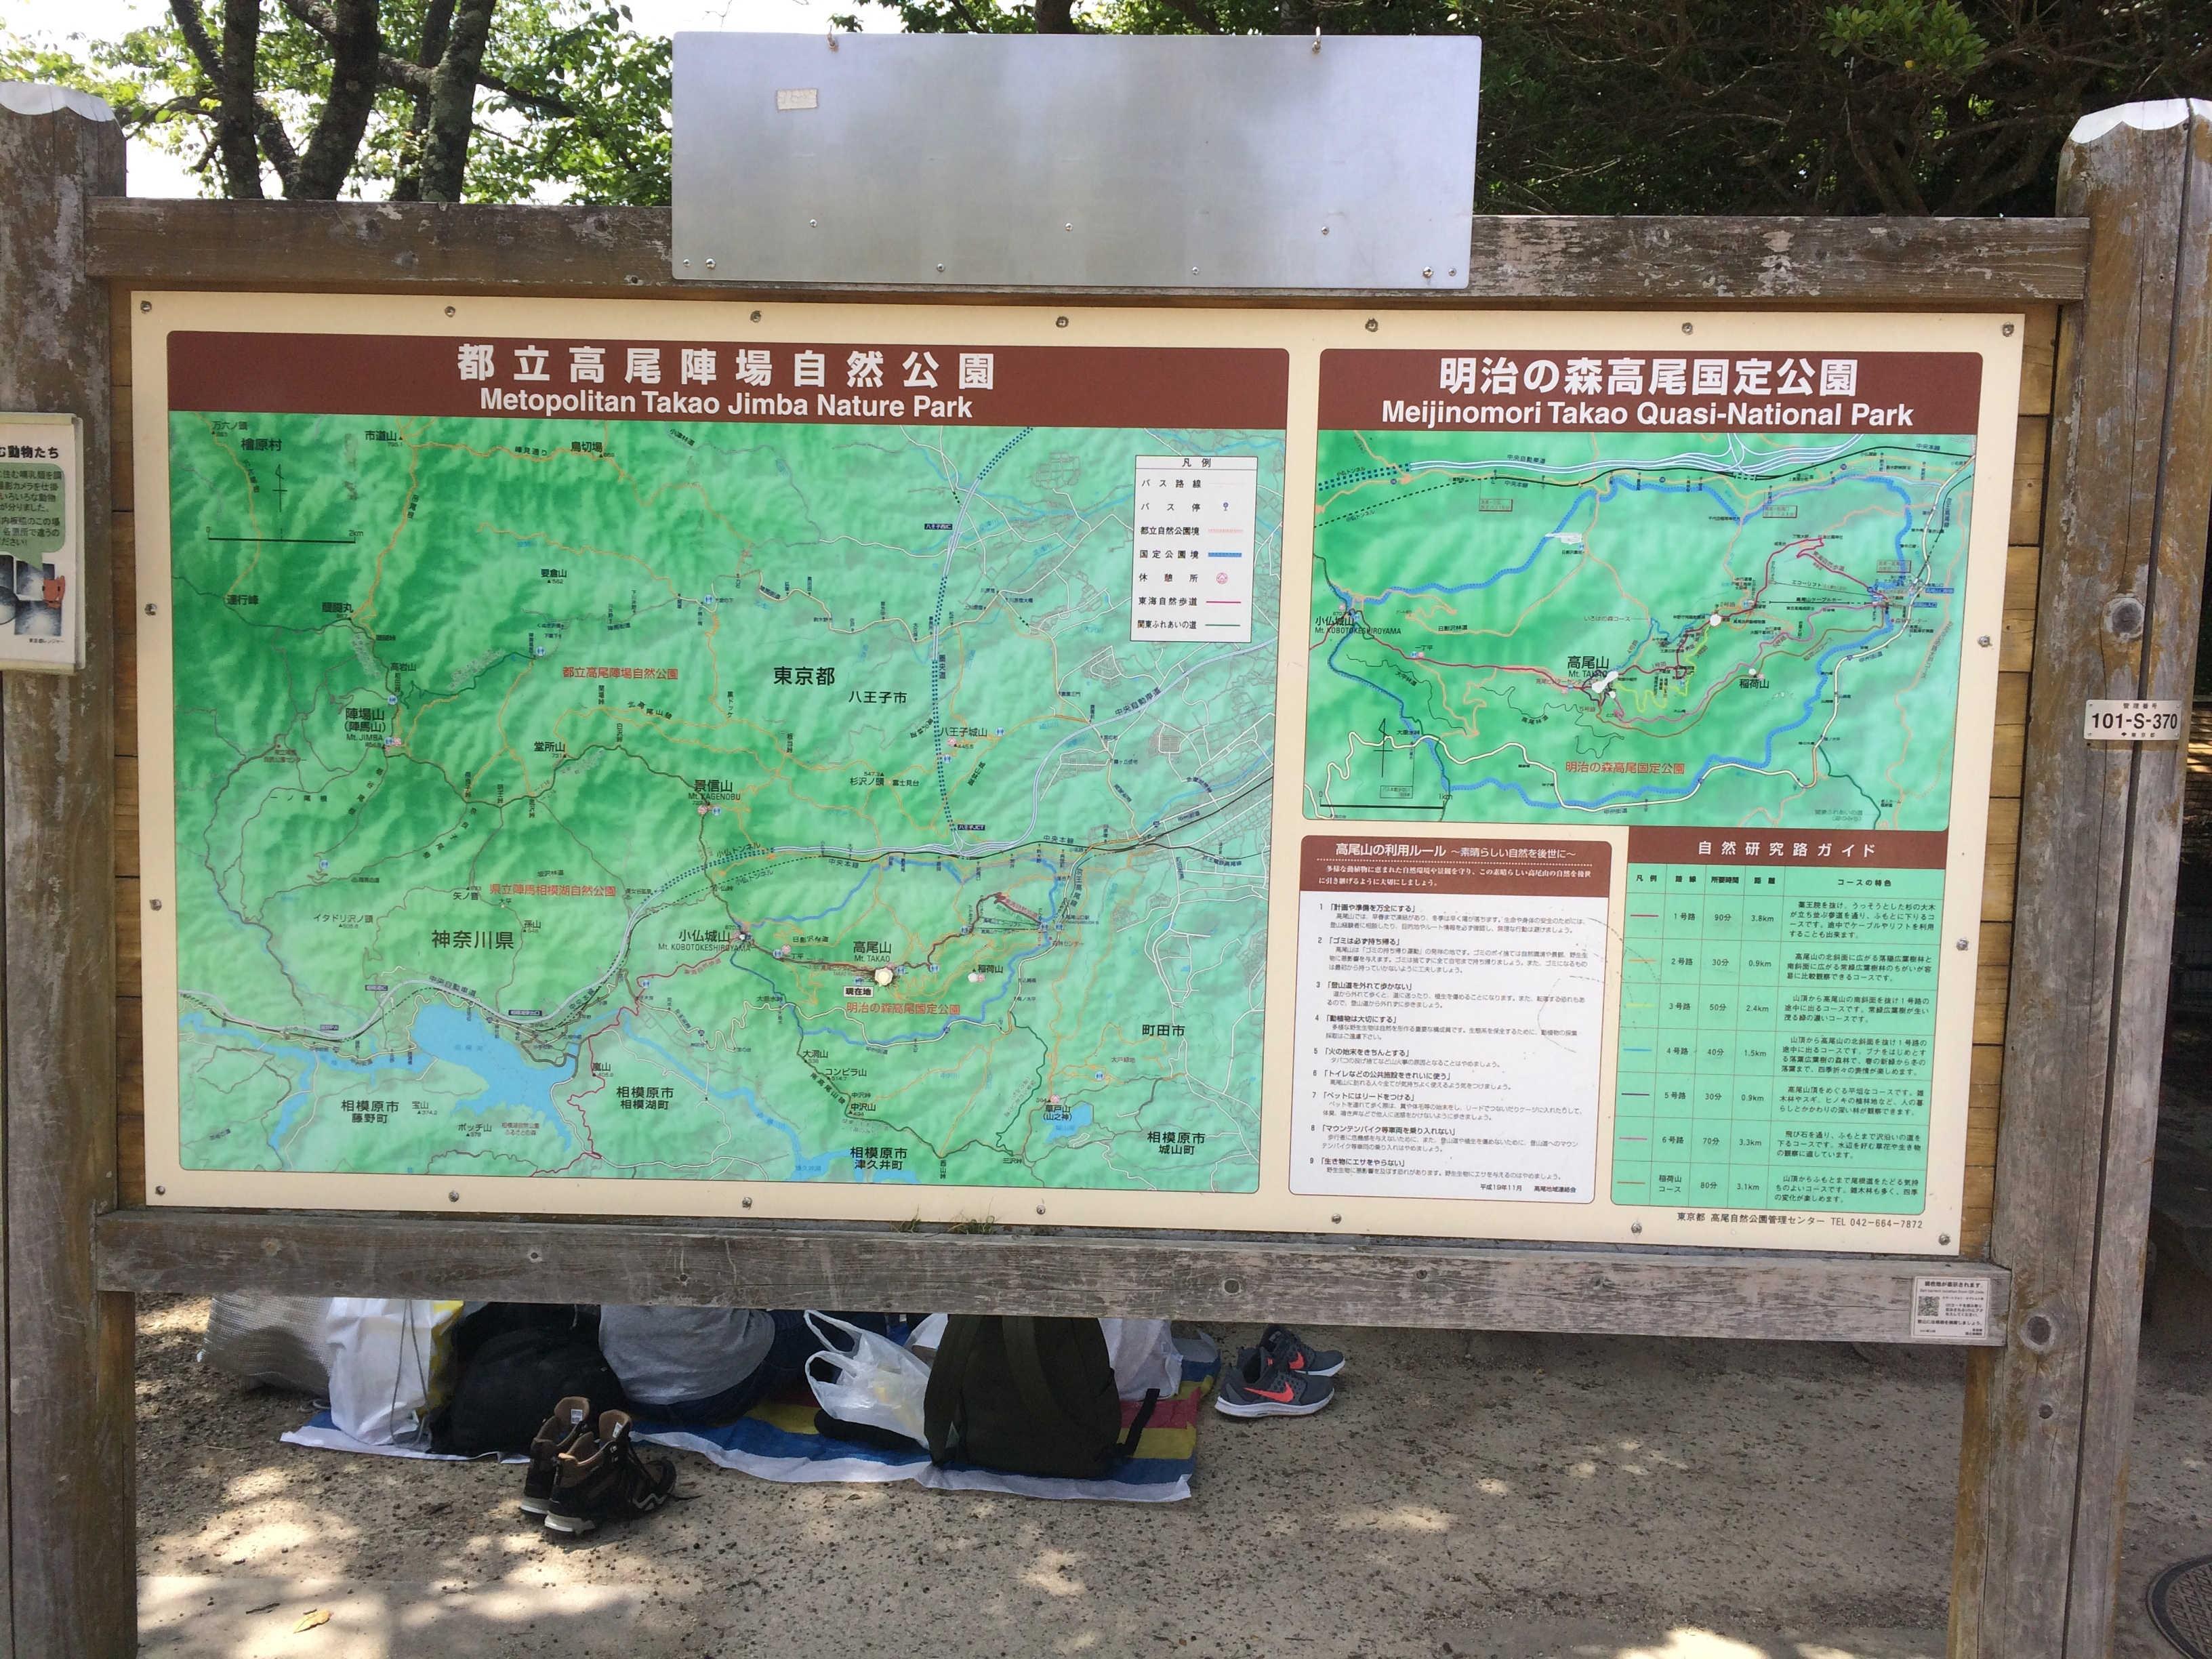 東京都立高尾陣場自然公園